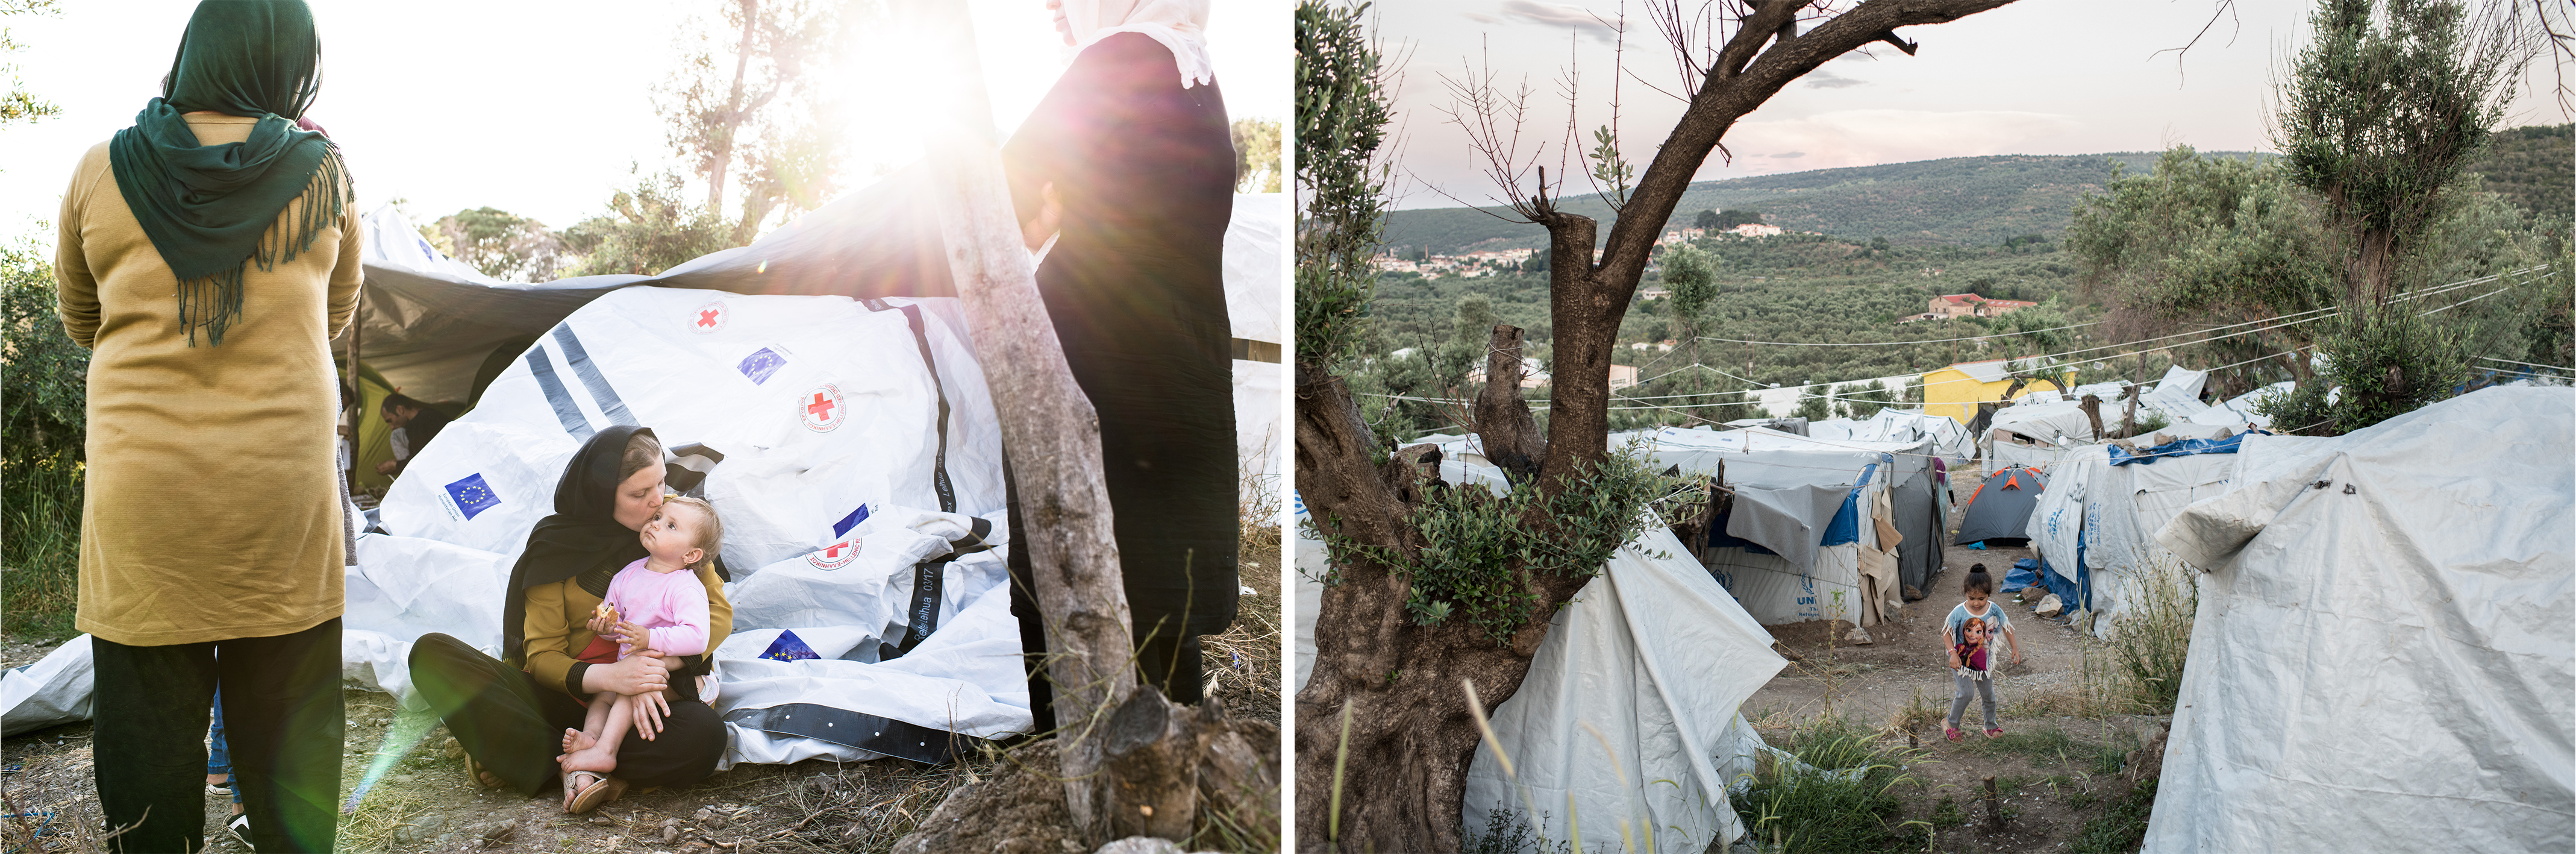 (gauche)Une famille afghane arrivée depuis peu à « Olive Grove », l'extension du camp de Moria, mai 2018.(droite)Une enfant dans « Olive Grove », mai 2018. ©Robin Hammond/Witness Change